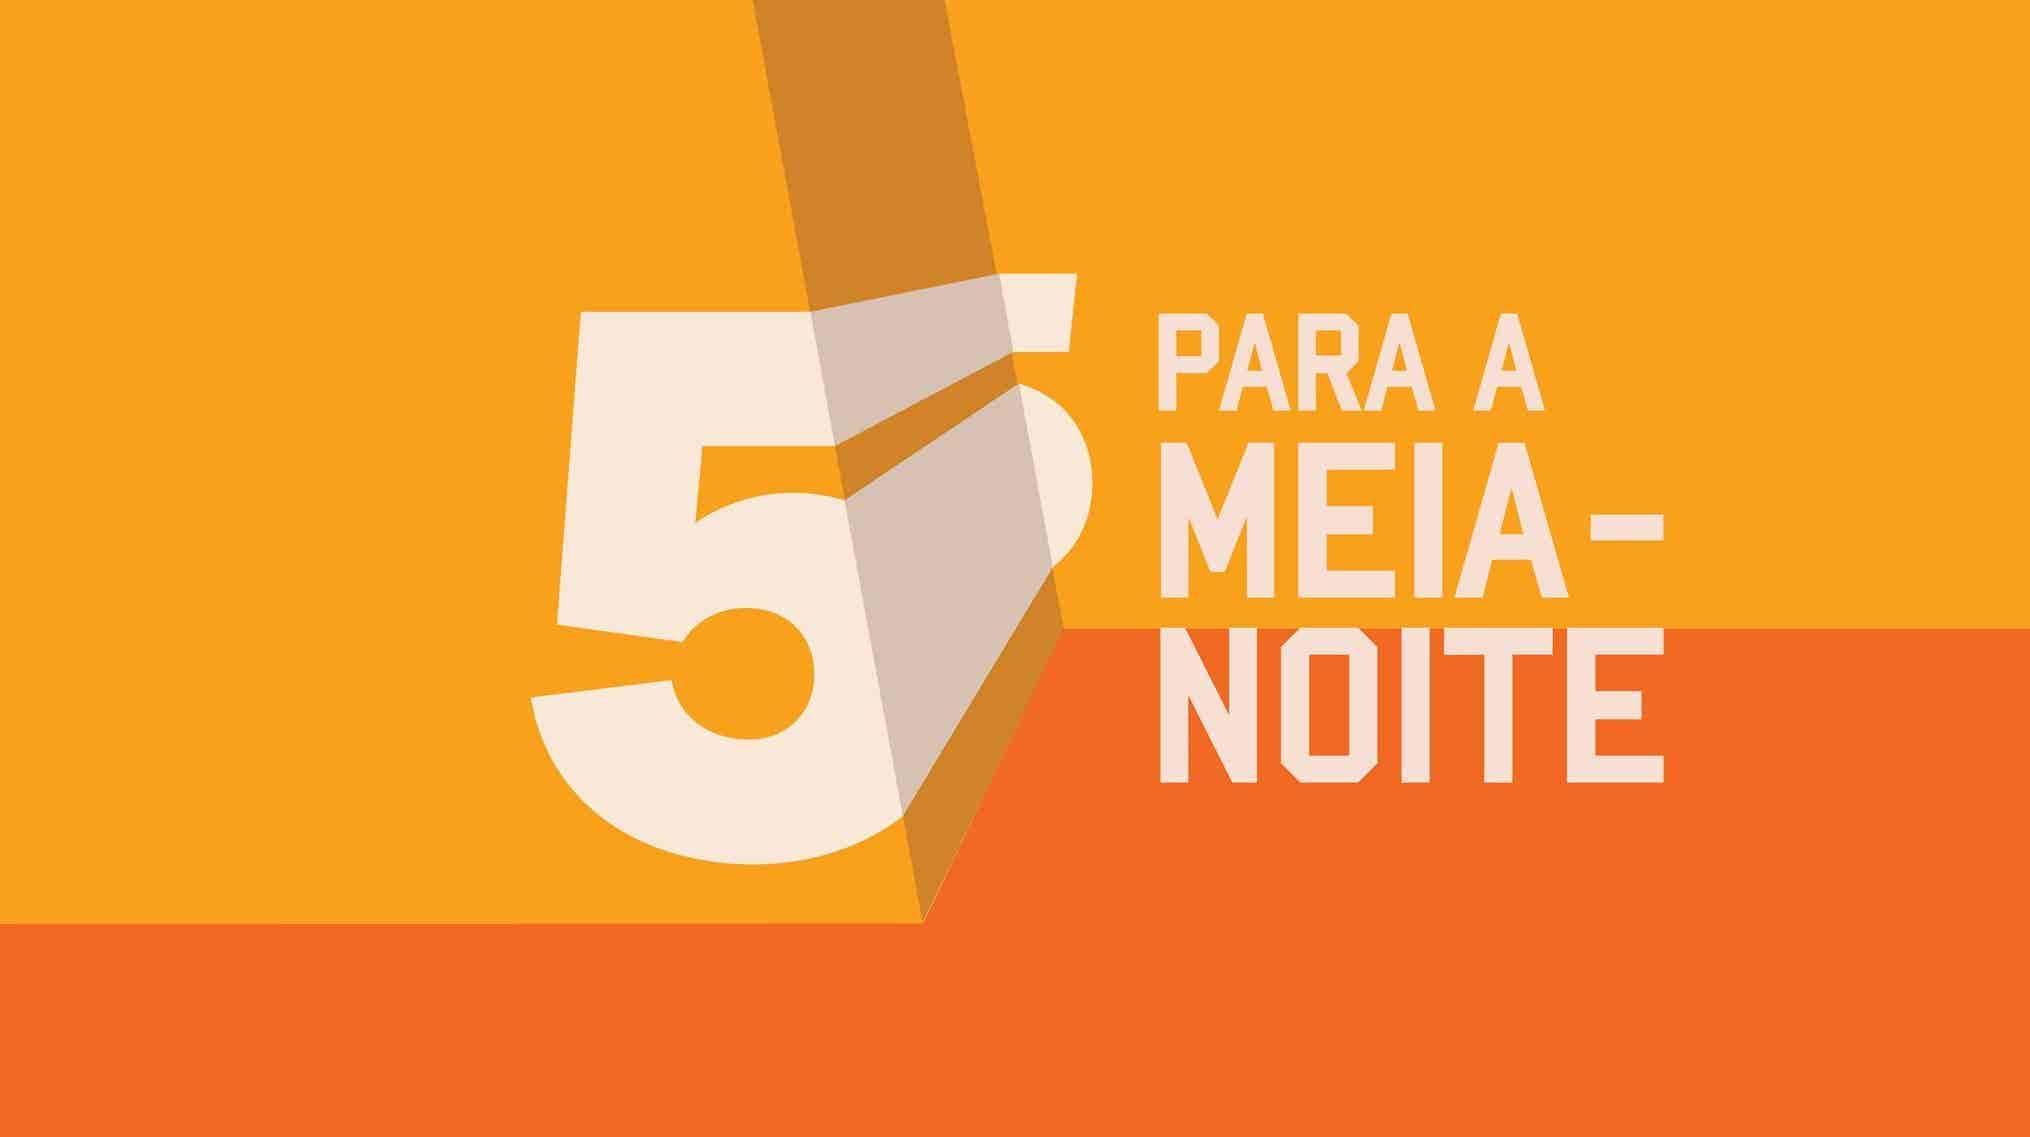 5 Para a Meia-Noite - Temporada XII